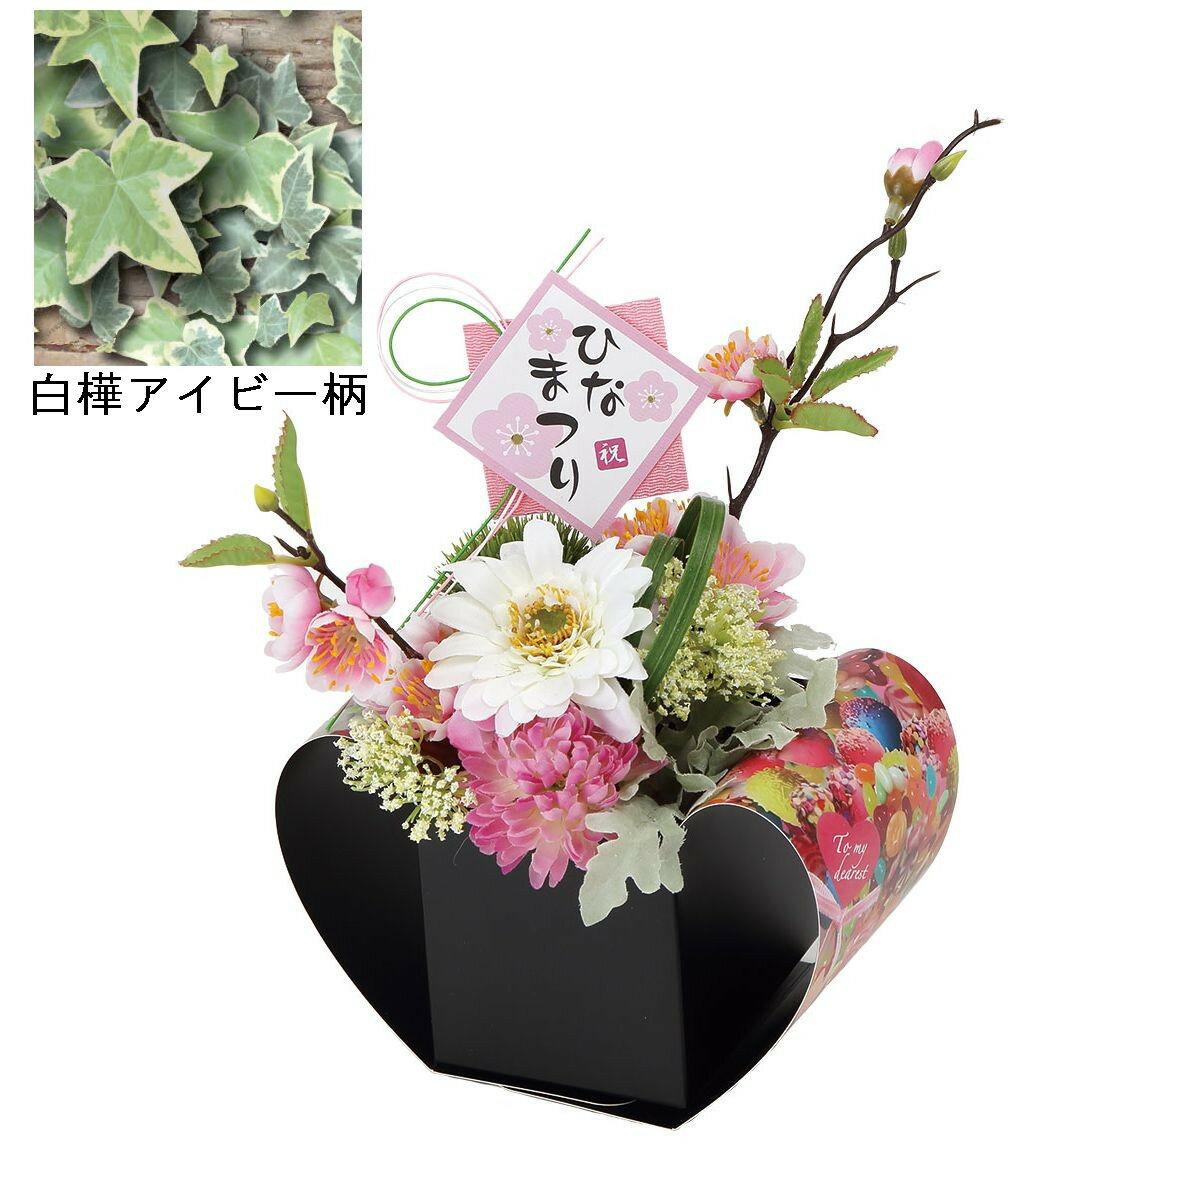 アドプリントボックス 5個入 #5 白樺アイビー/GS000300-005【01】【01】【取寄】《 花器、リース 花器・花瓶 紙製花器 》